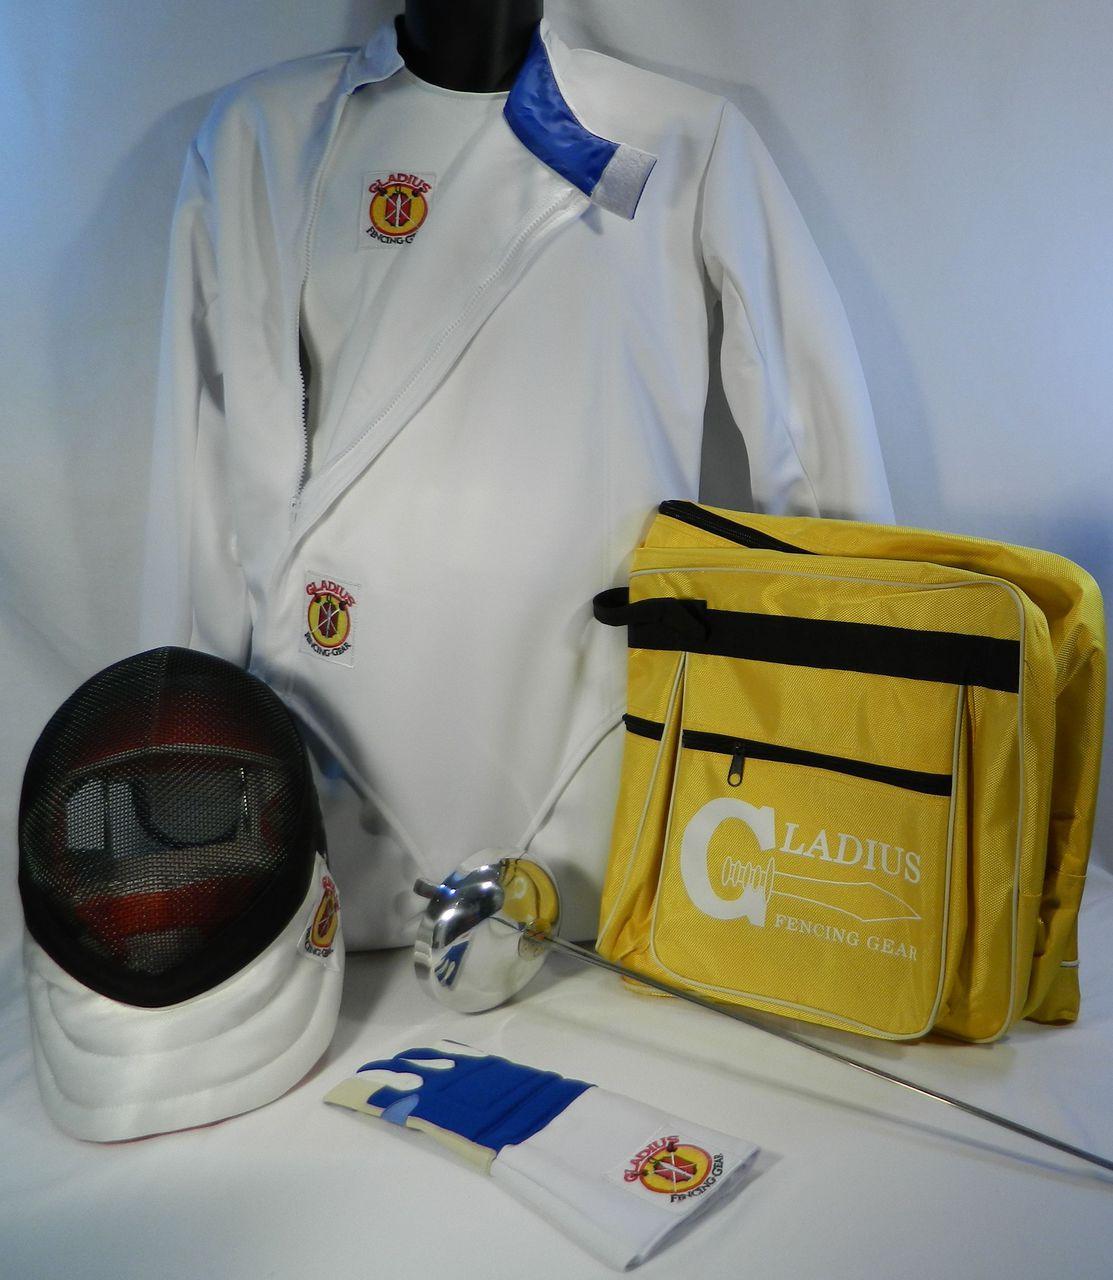 Starter Set Bestvalue Epe 233 Set Men S Gladius Fencing Gear